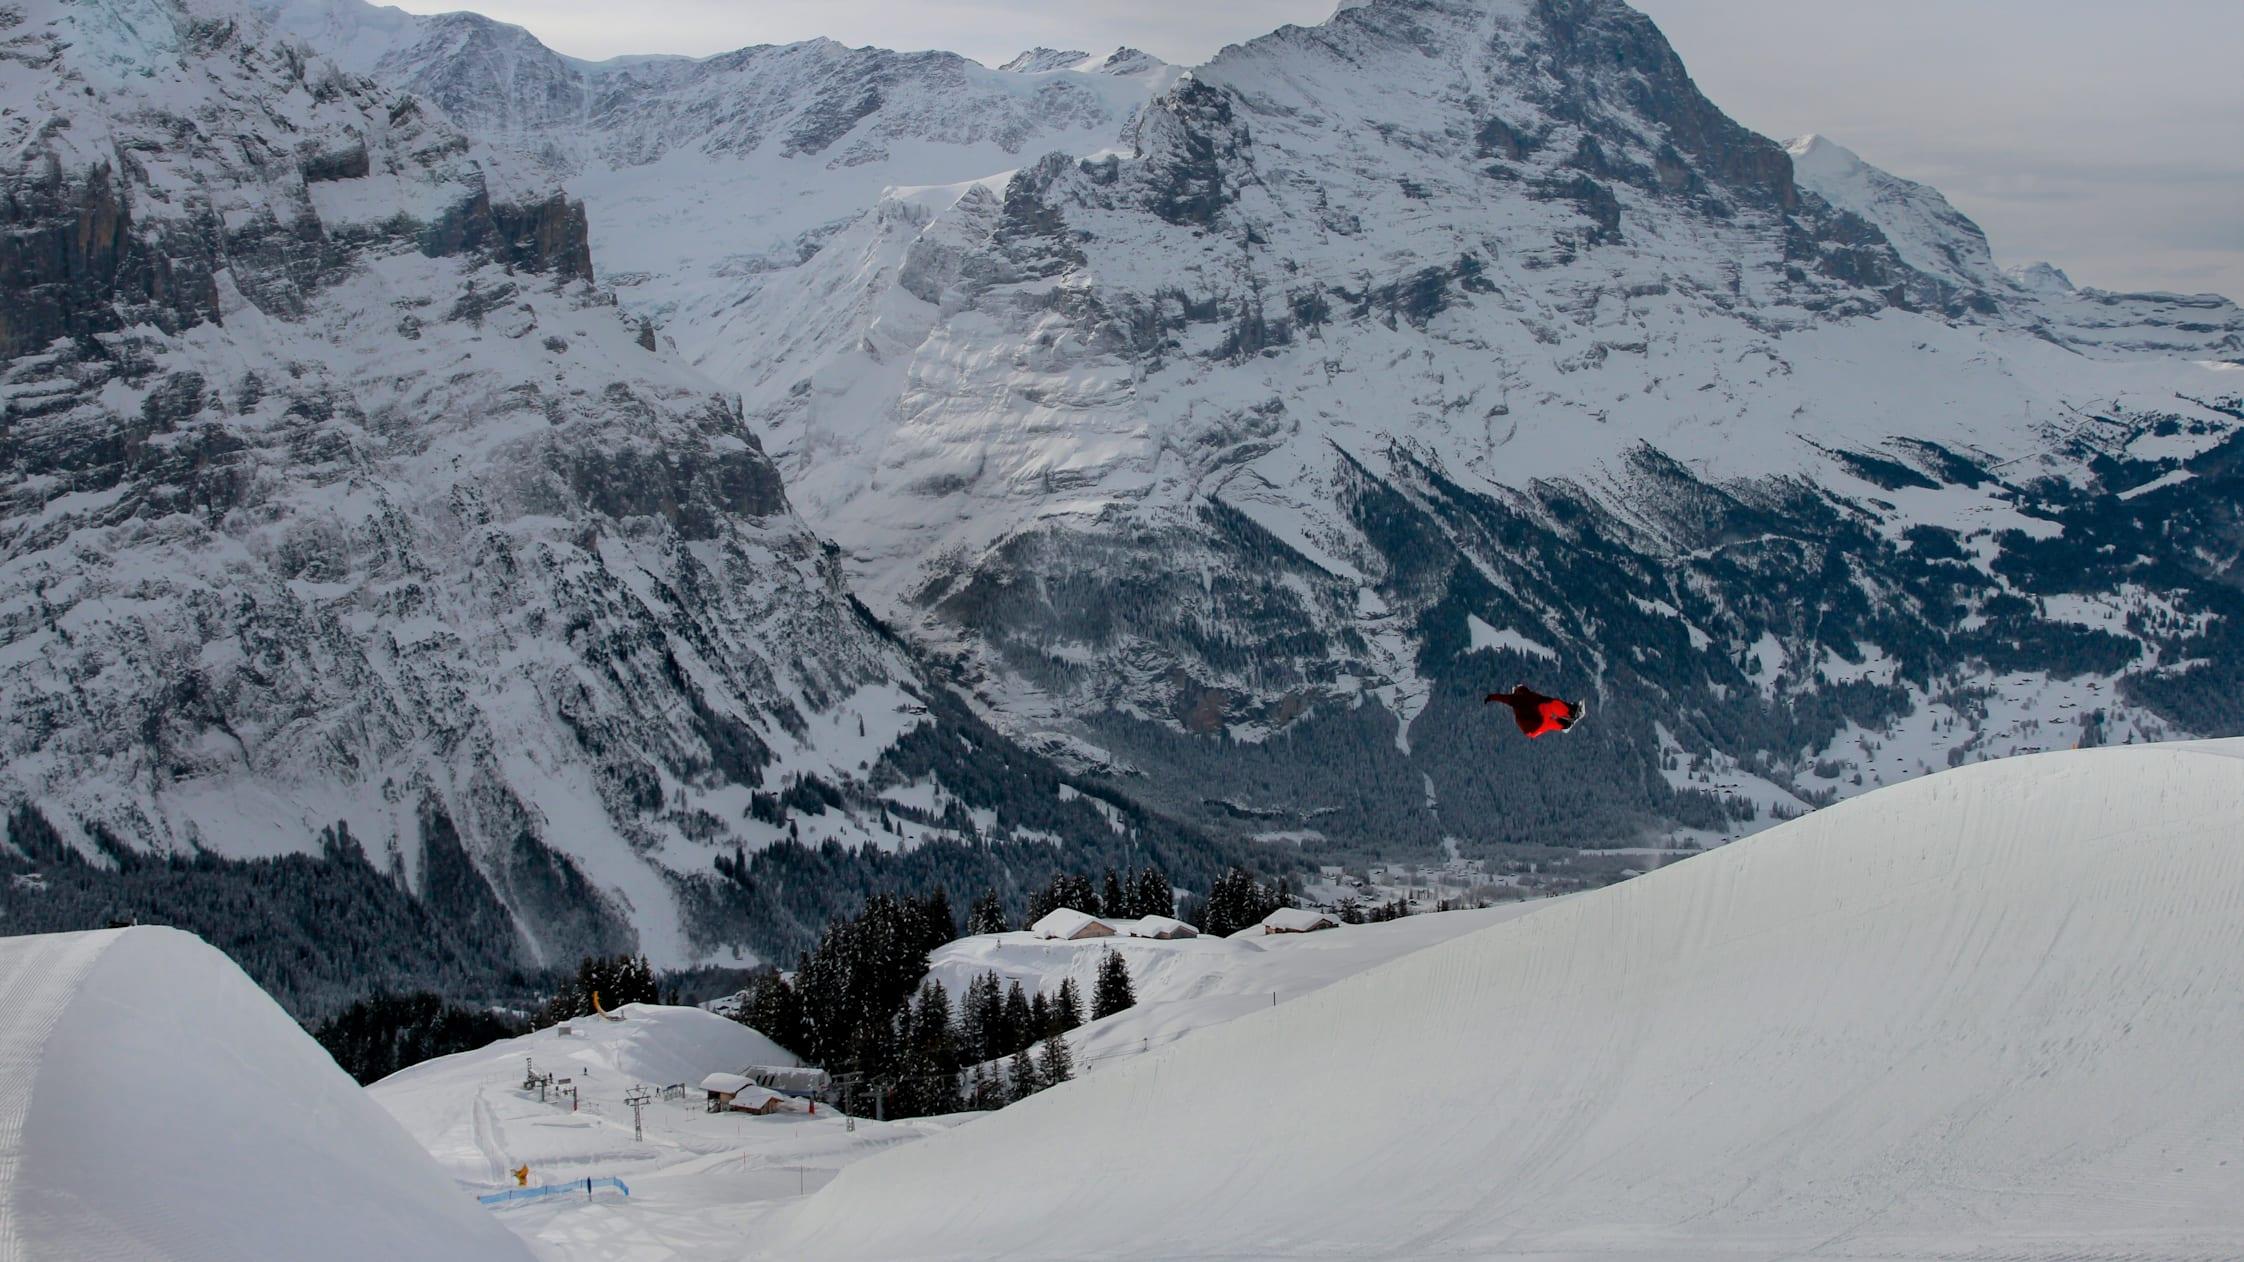 Snowpark First Eiger 2